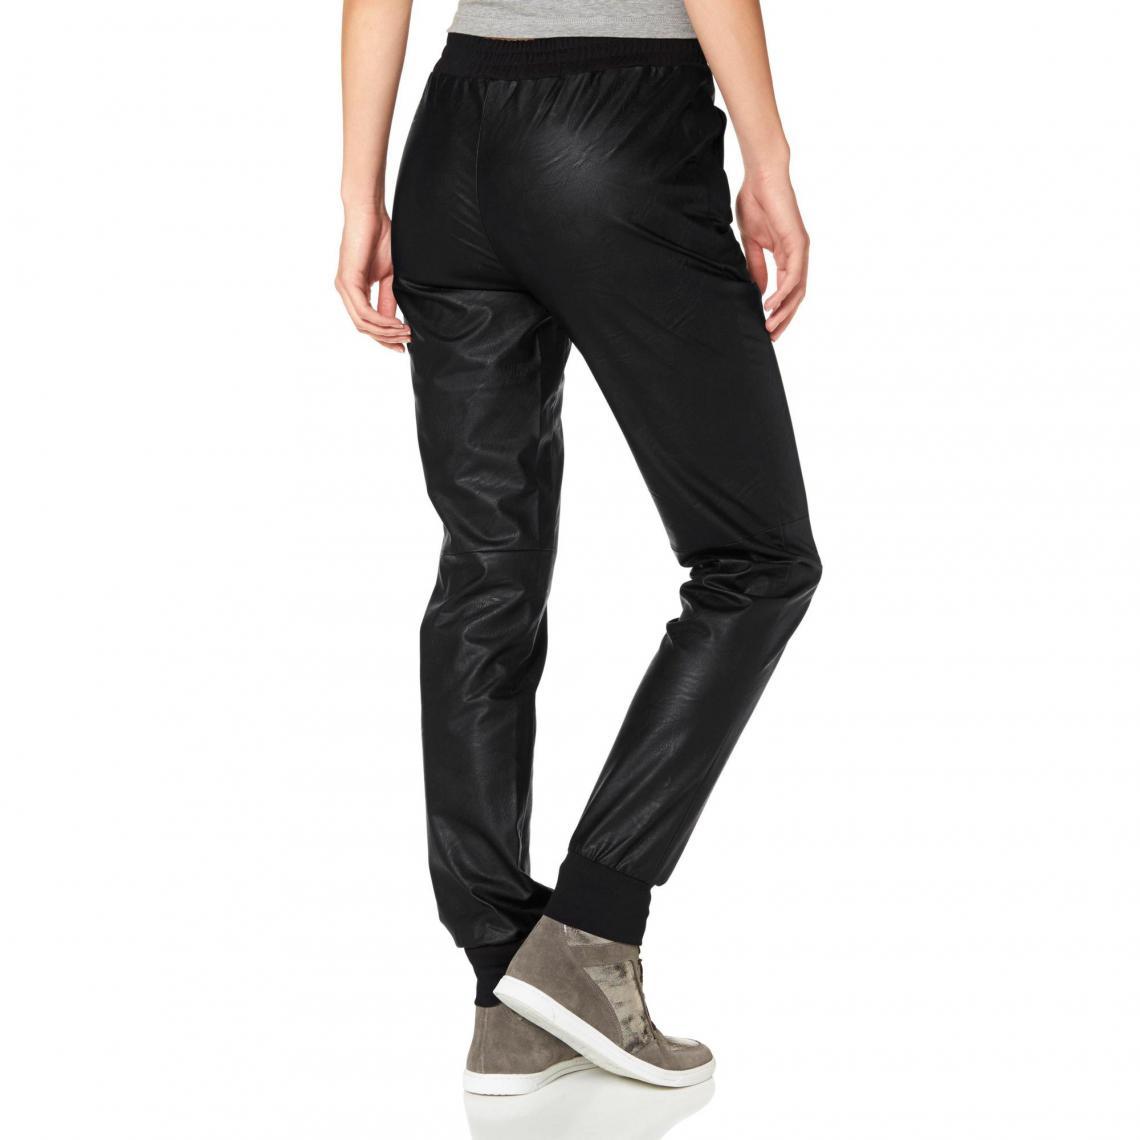 Synthétique Pantalon Femme Matiére 3suisses Noir Laura Scott Fw05wH